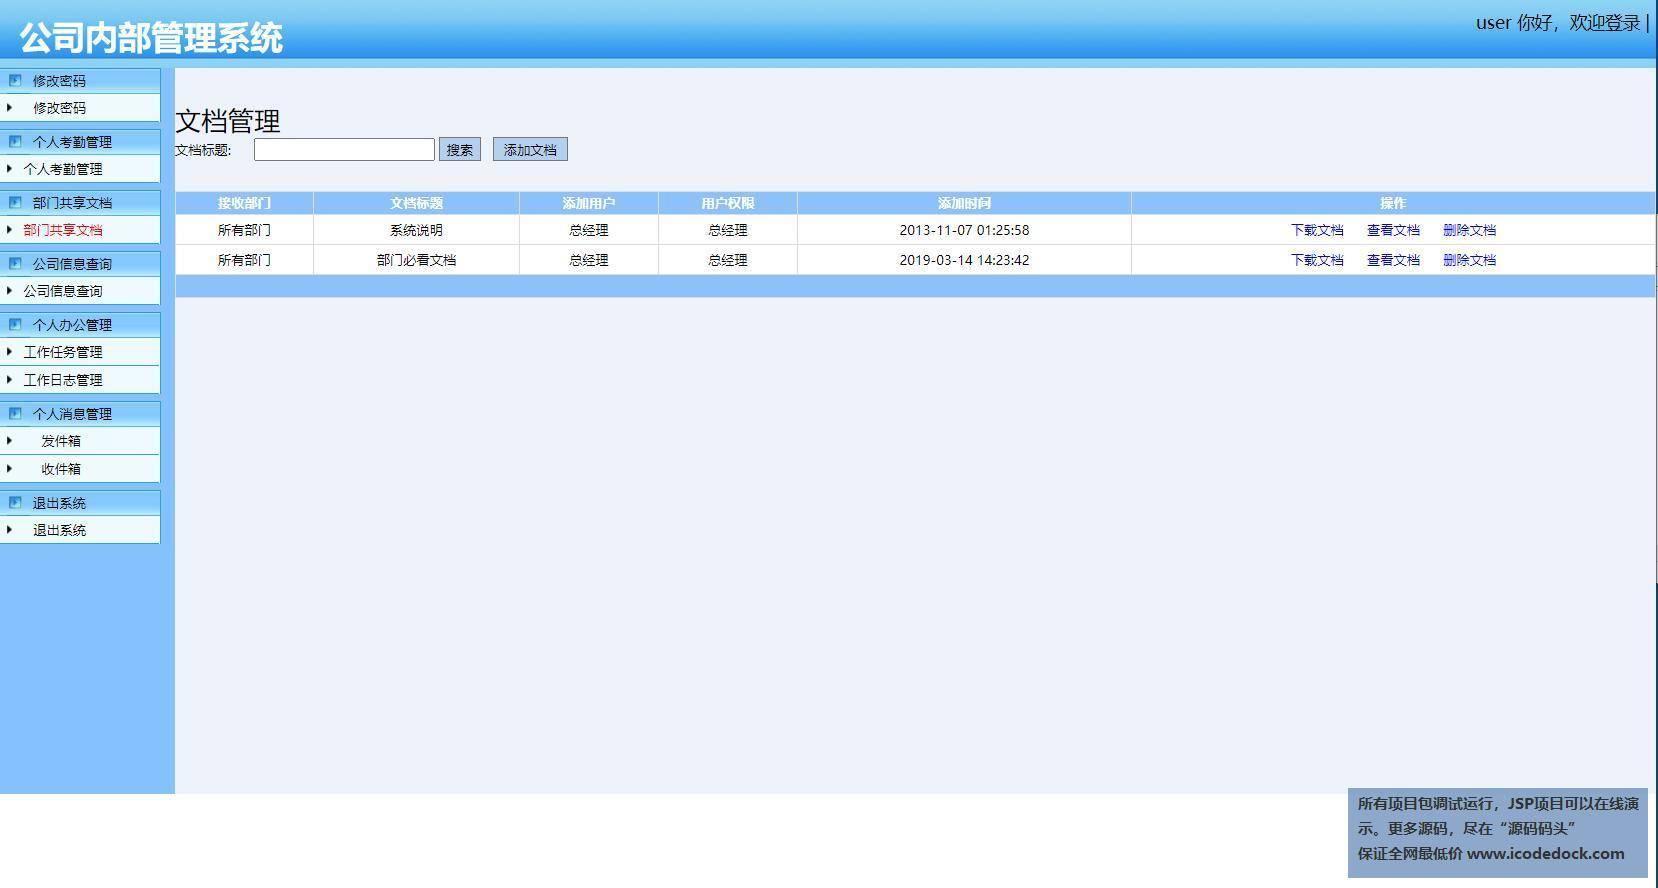 源码码头-SSH公司内部办公自动化管理系统-员工角色-部门共享文档